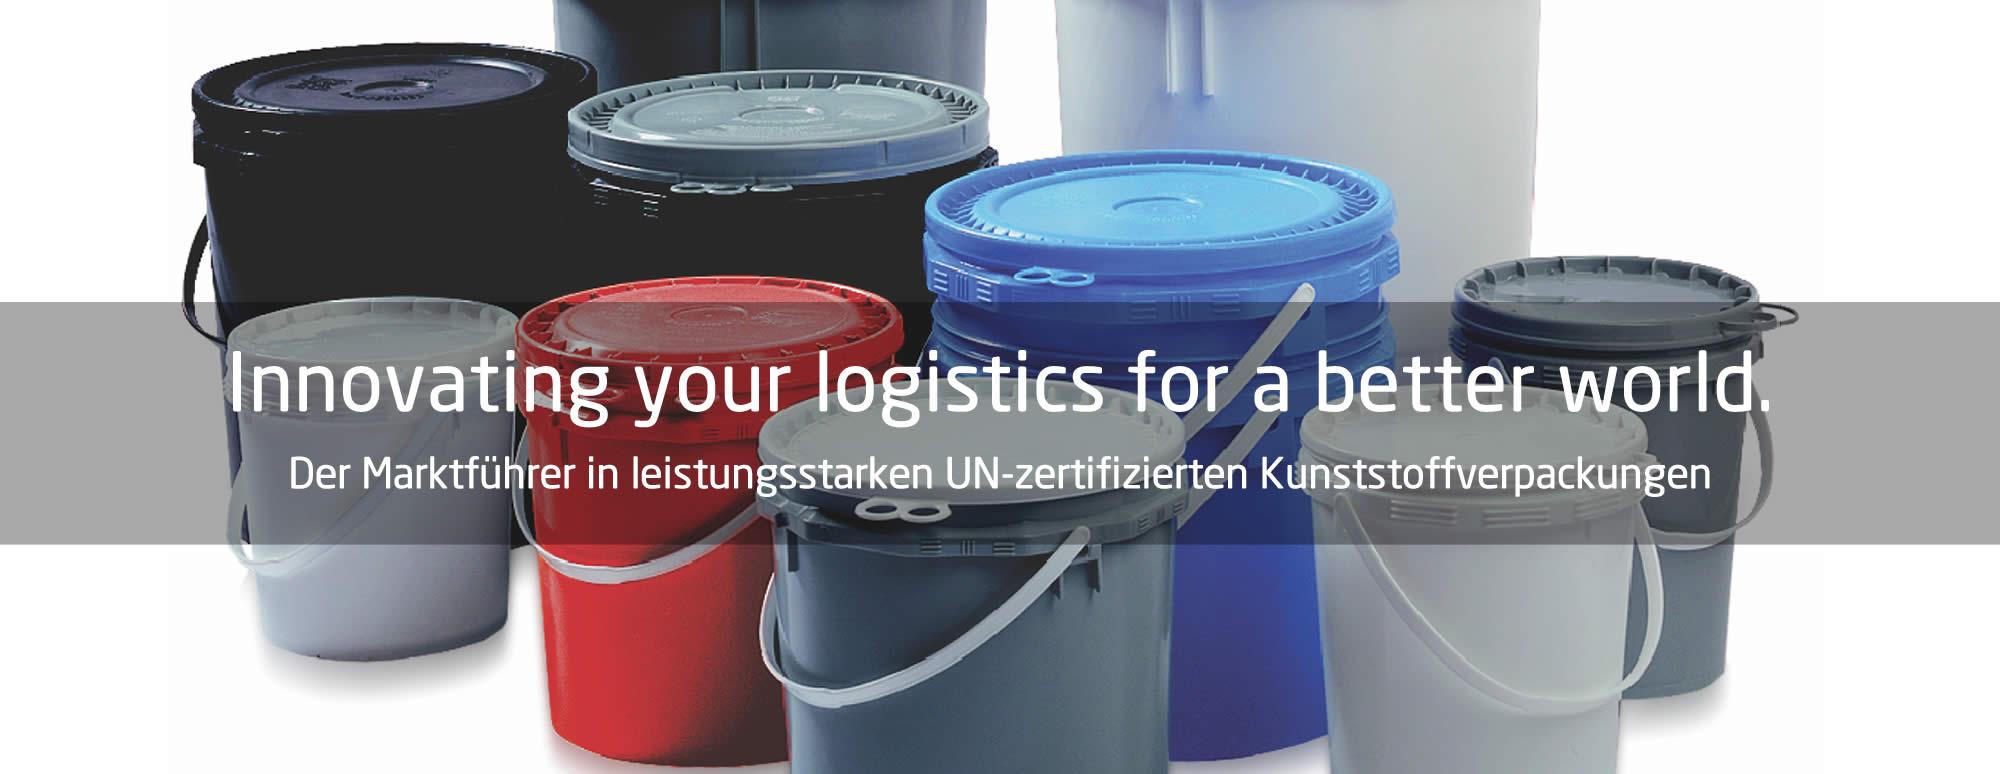 CUN-Behälter für Feststoffe und Flüssigkeiten